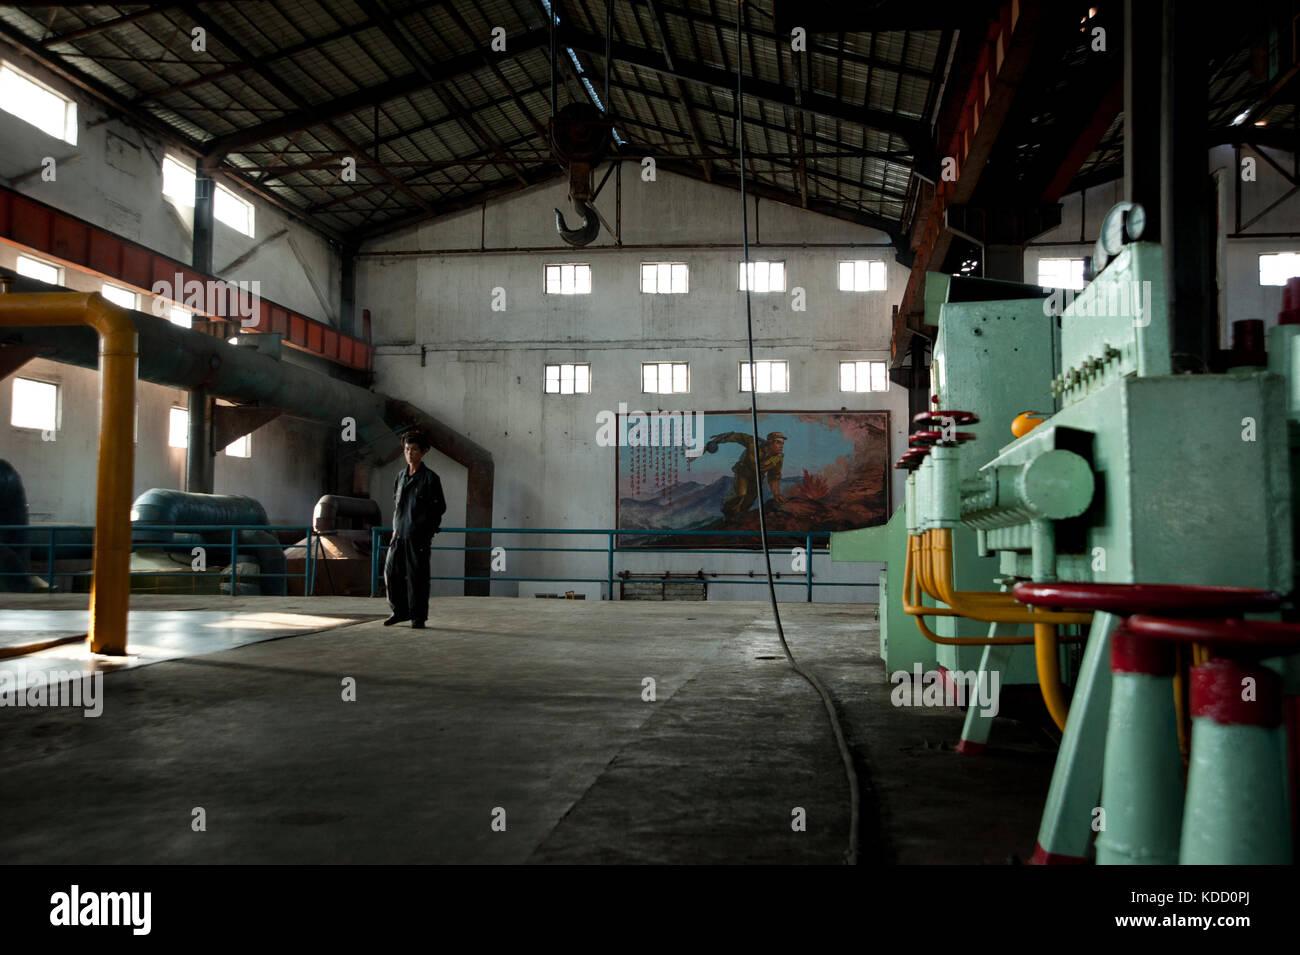 L'usine chimique de Hungnam Fertiliser Complex à Hamhung est le principale site chimique et industrielle de corée Stock Photo